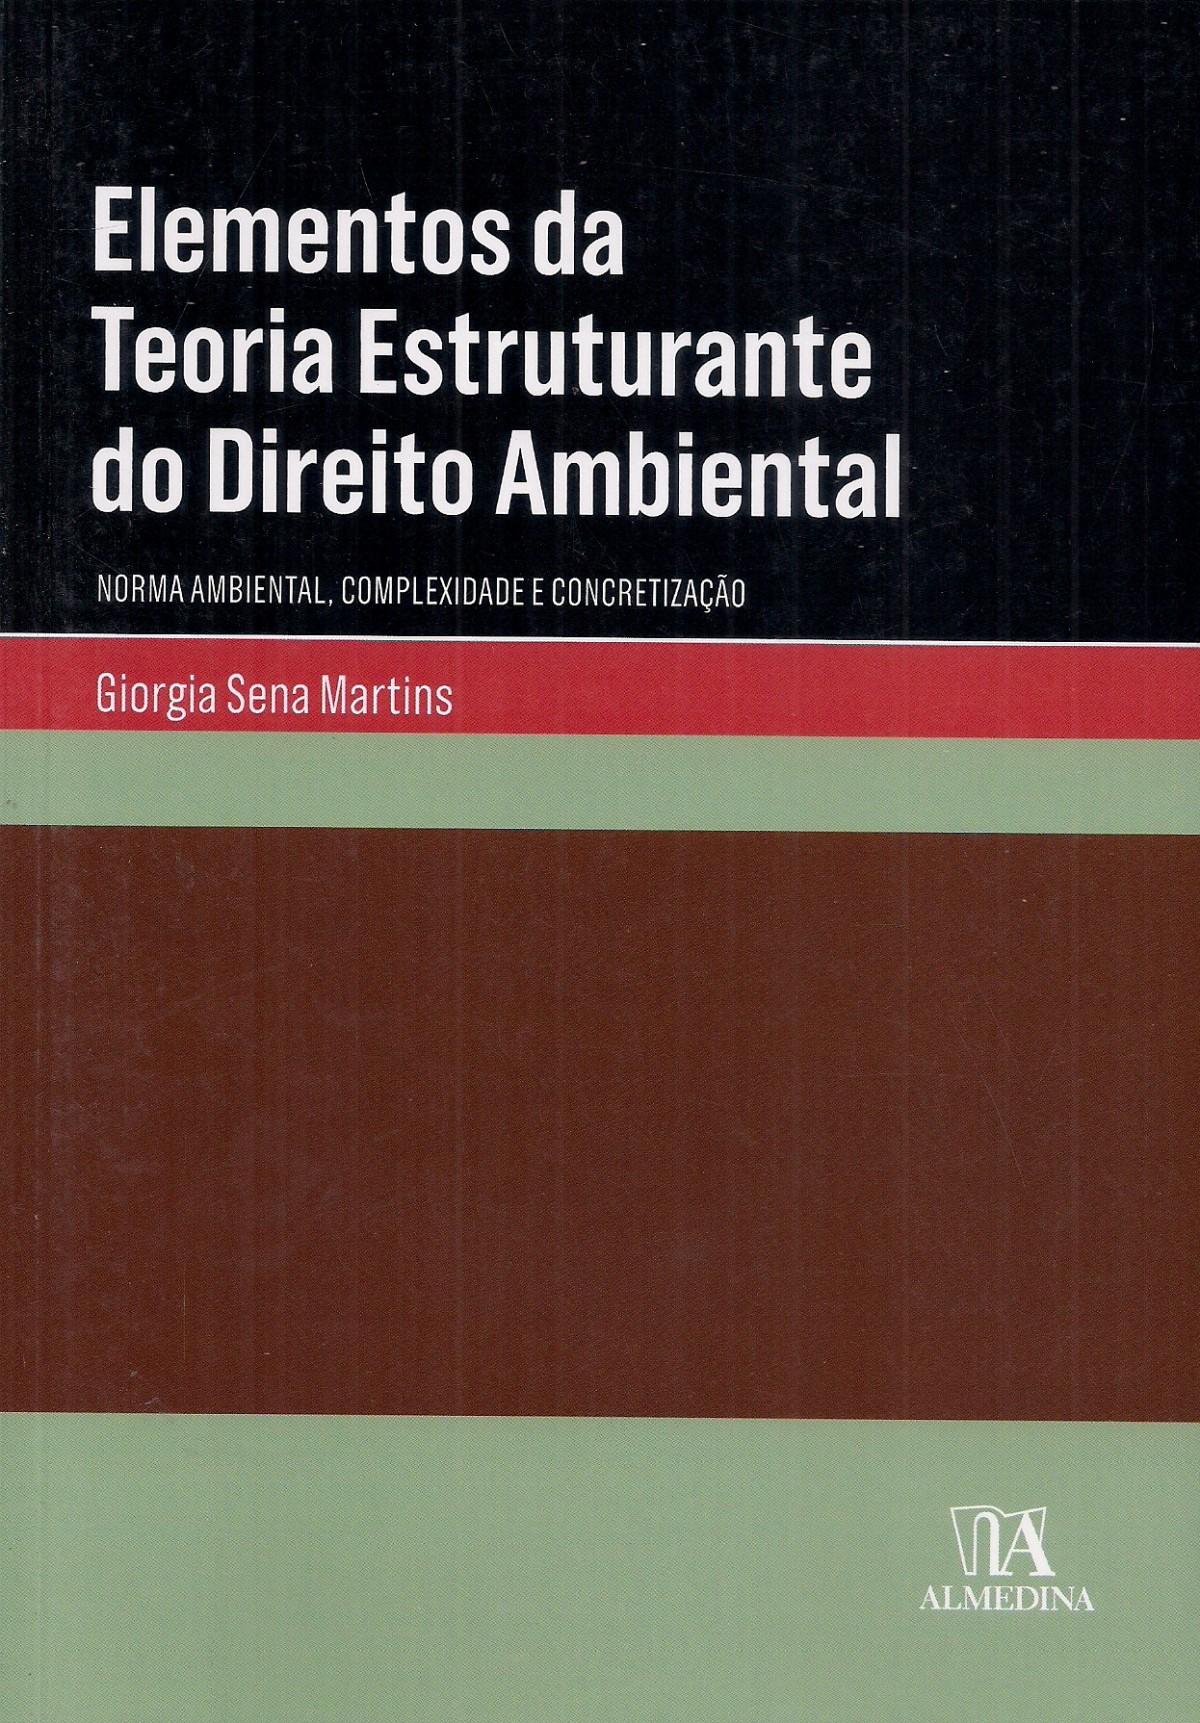 Foto 1 - Elementos da Teoria Estruturante do Direito Ambiental